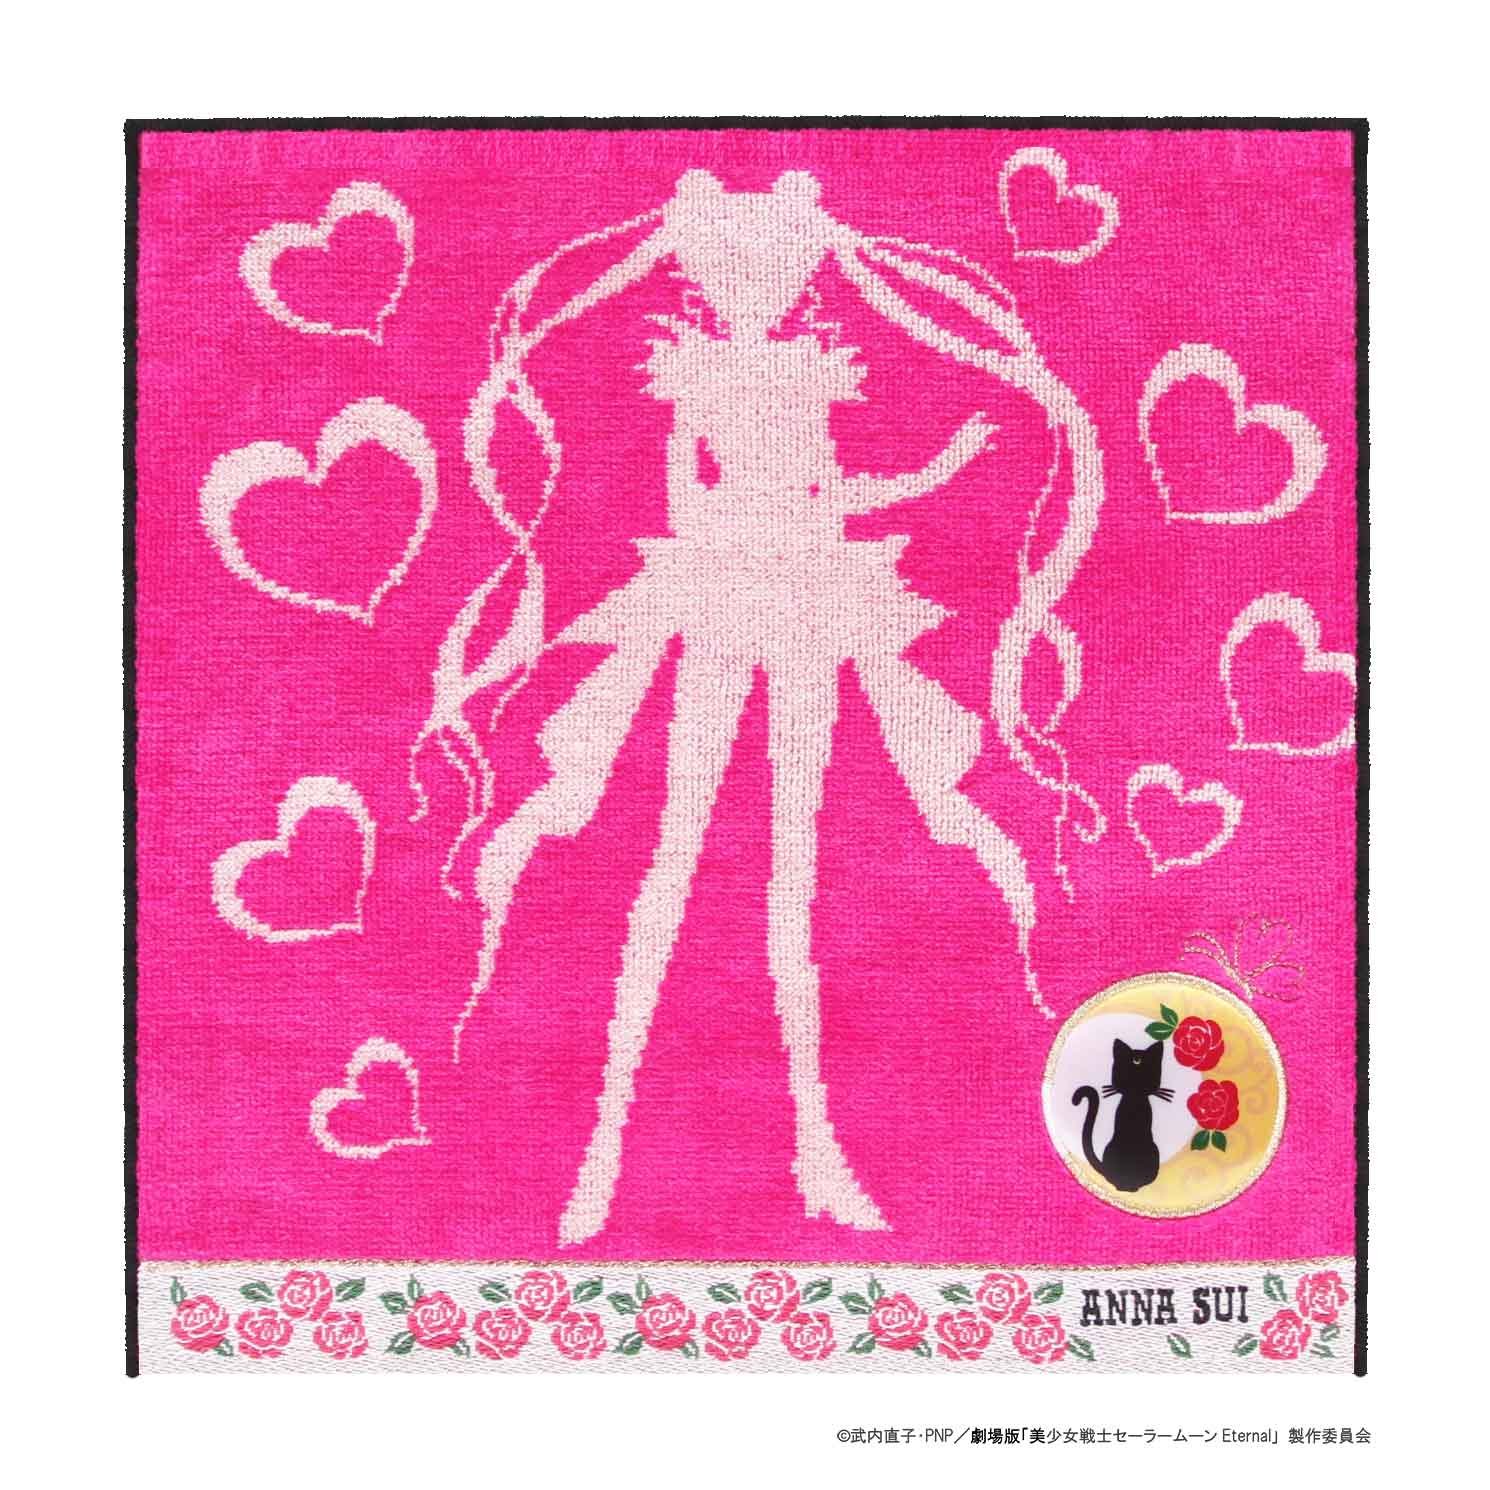 アナスイ 返品不可 ANNA SUI 上質 劇場版 美少女戦士セーラームーンEternal タオルハンカチ × 0701 ピンク